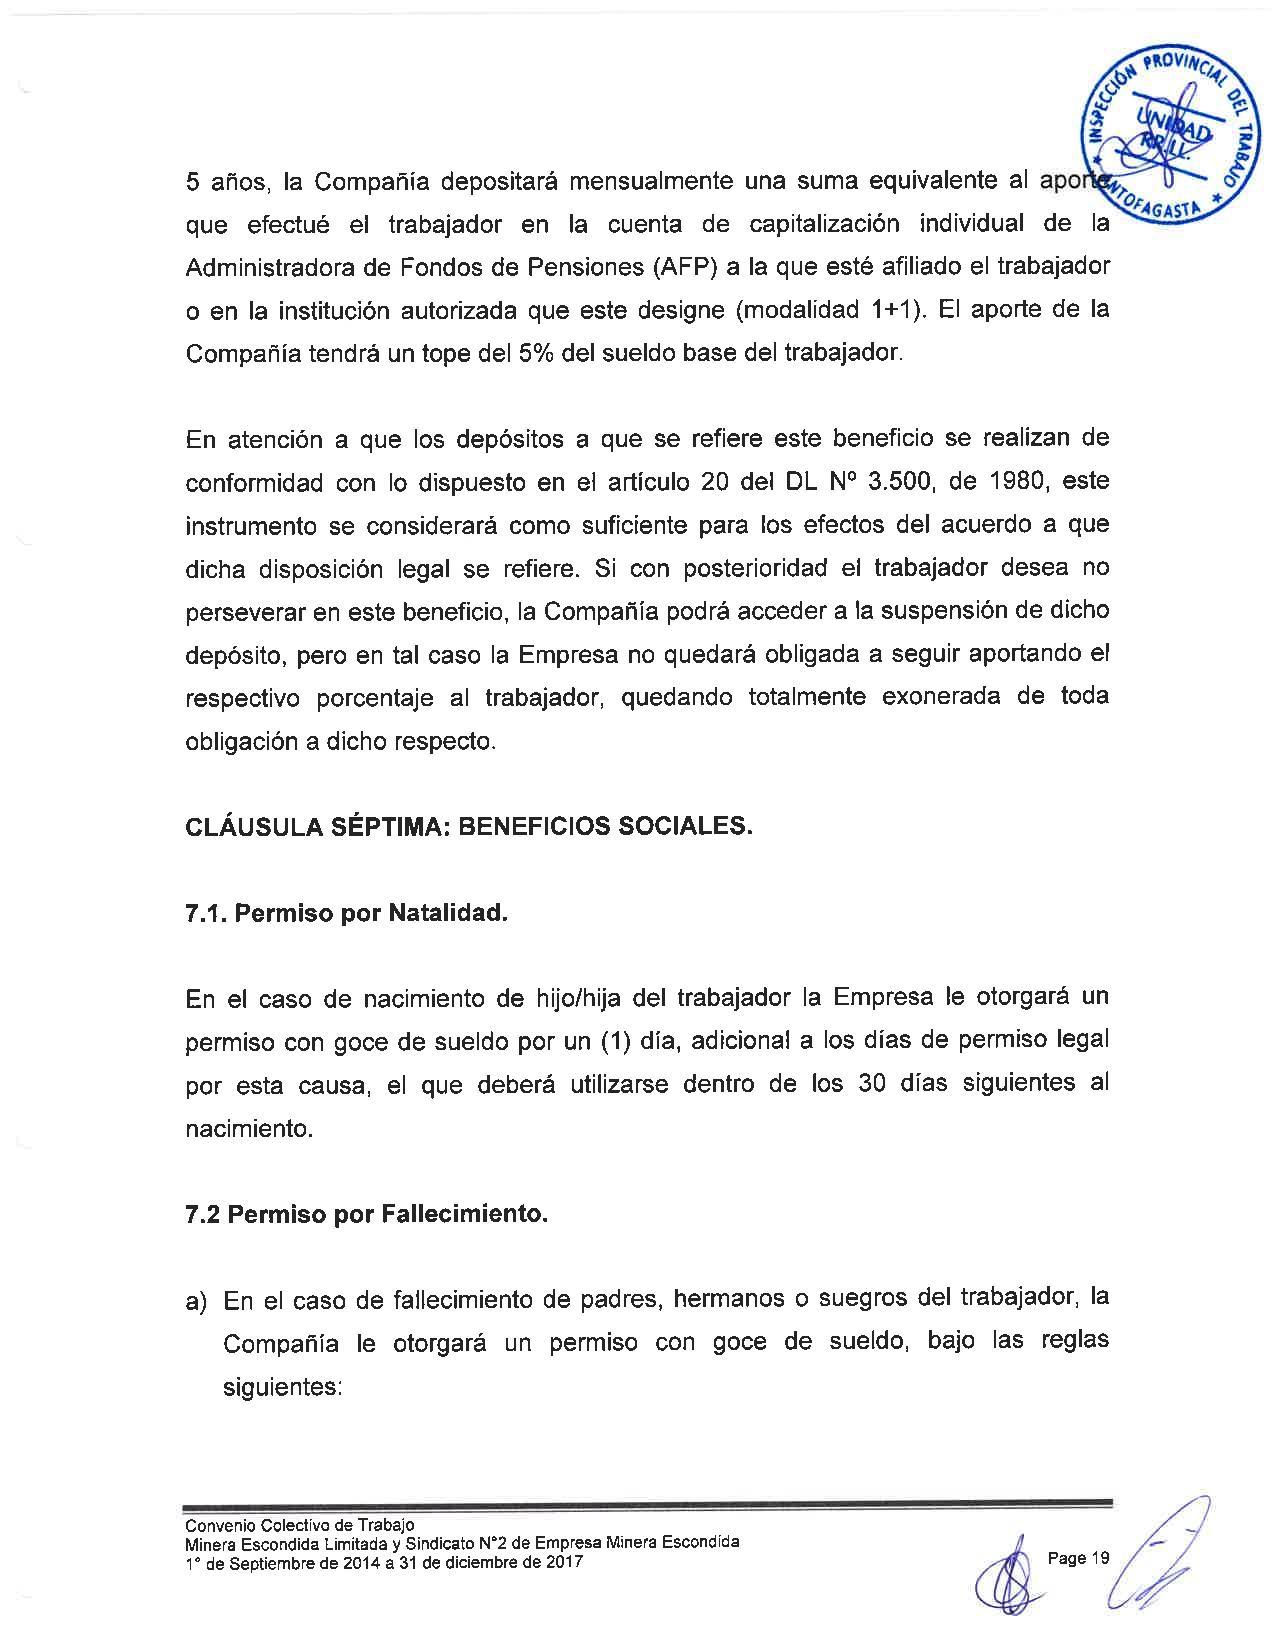 Página (19).jpg